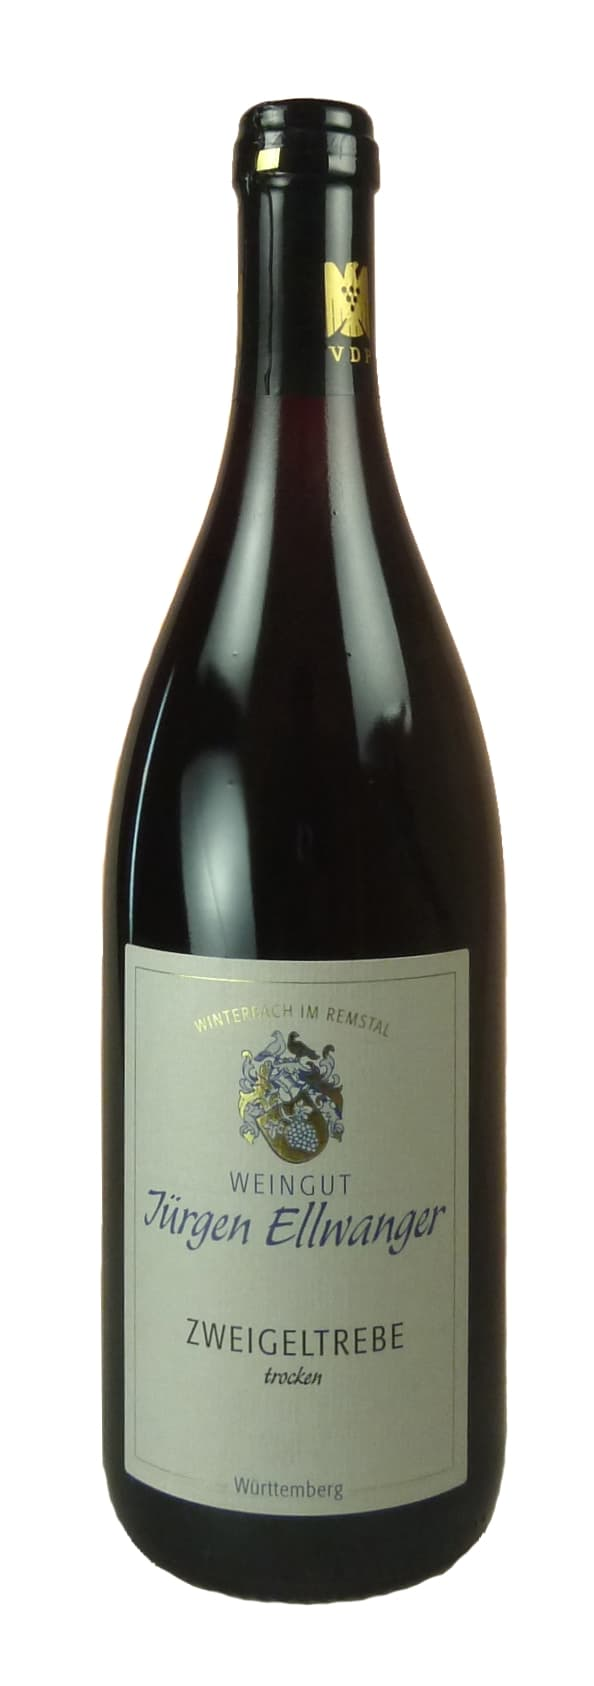 Zweigeltrebe Qualitätswein trocken 2016